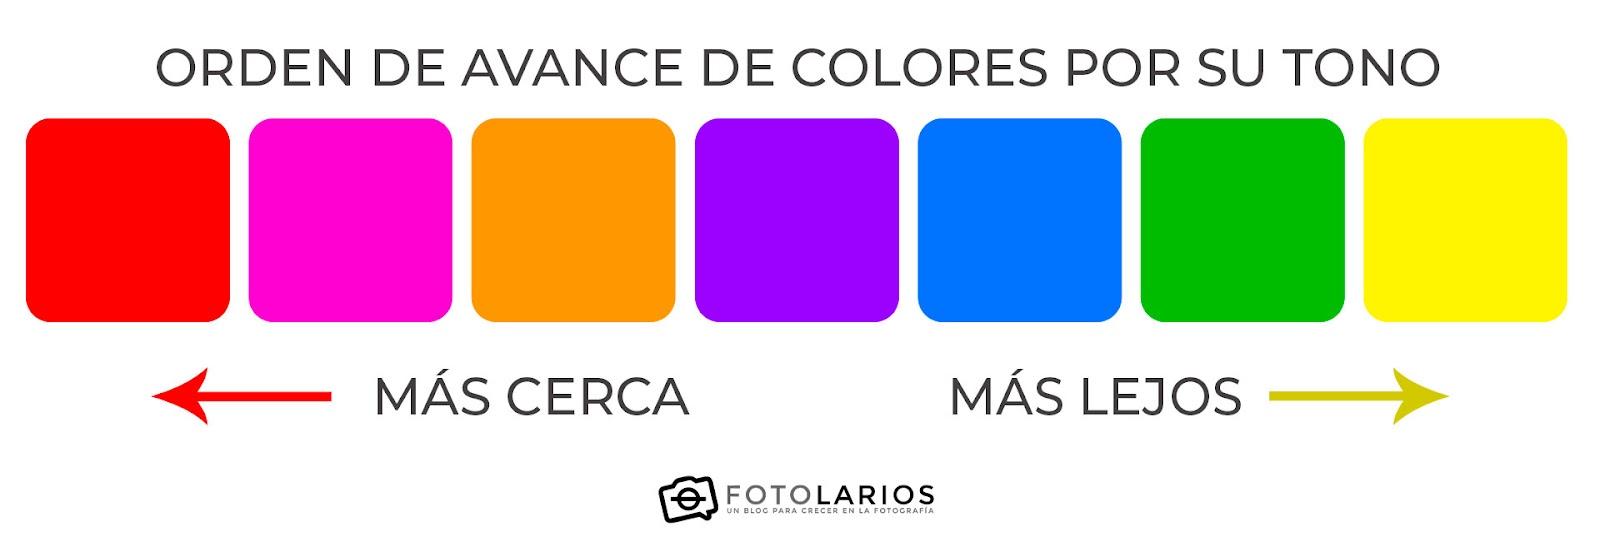 orden de avance de los colores